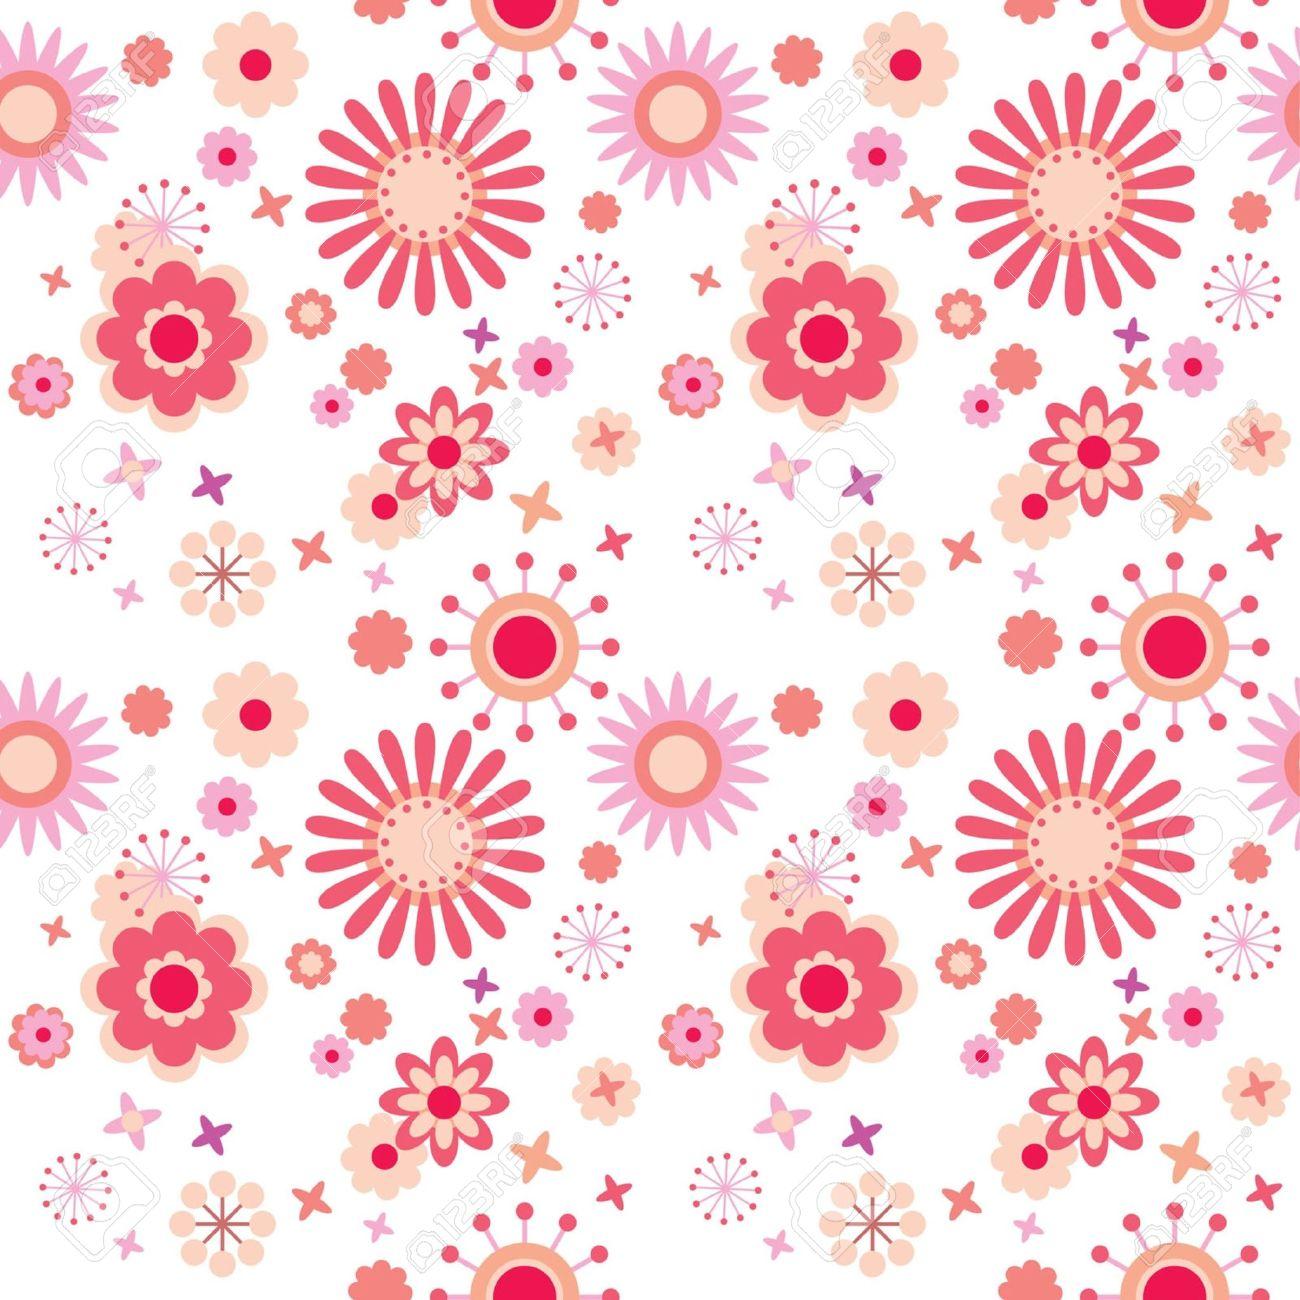 Sin Fisuras Patrón Floral Con Flores De Colores Brillantes En El